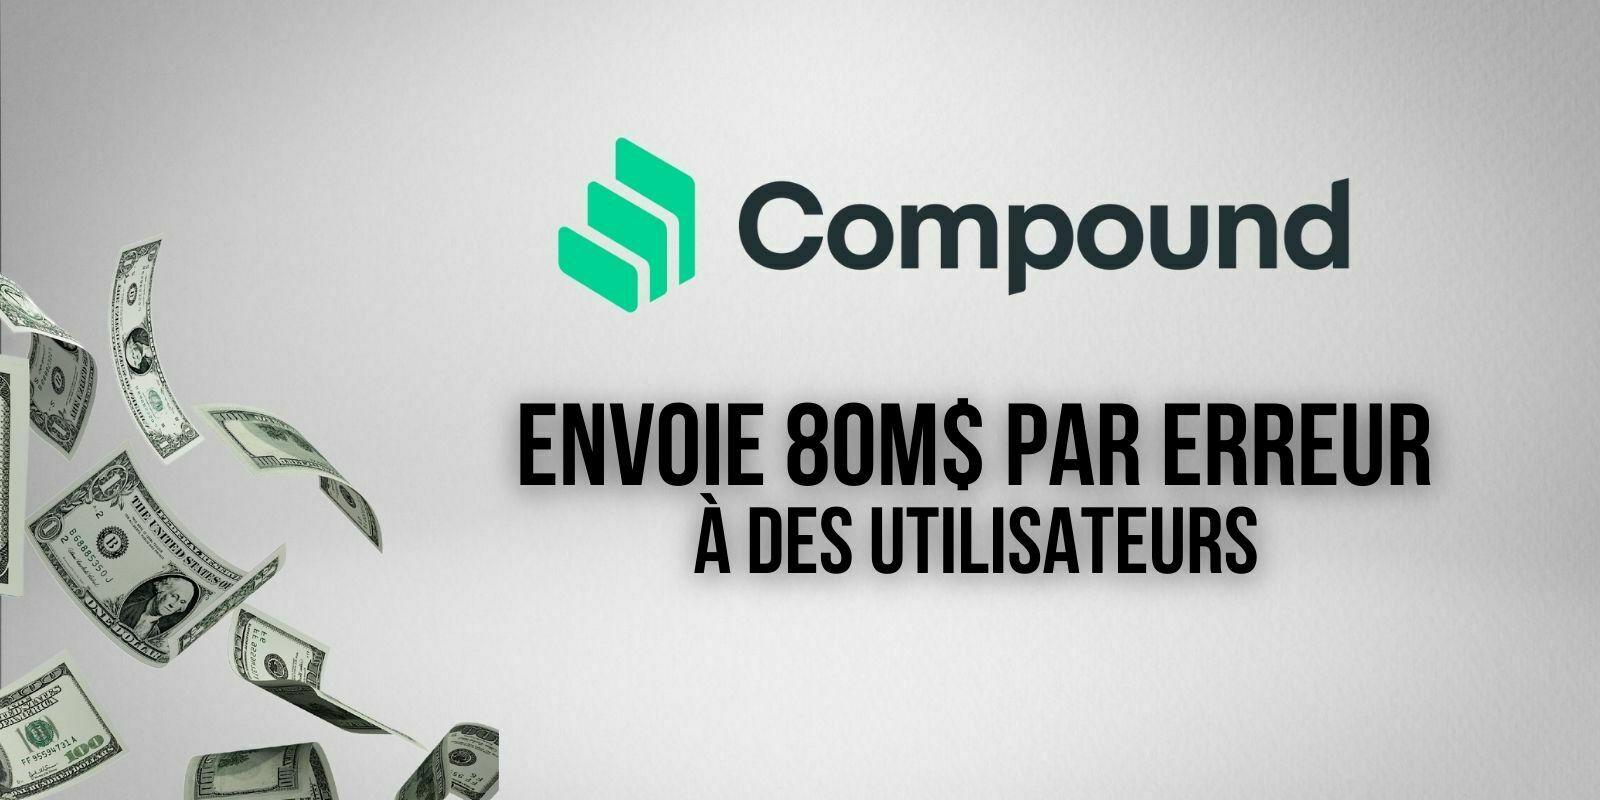 Le protocole DeFi Compound (COMP) envoie 80M$ par erreur à plusieurs utilisateurs